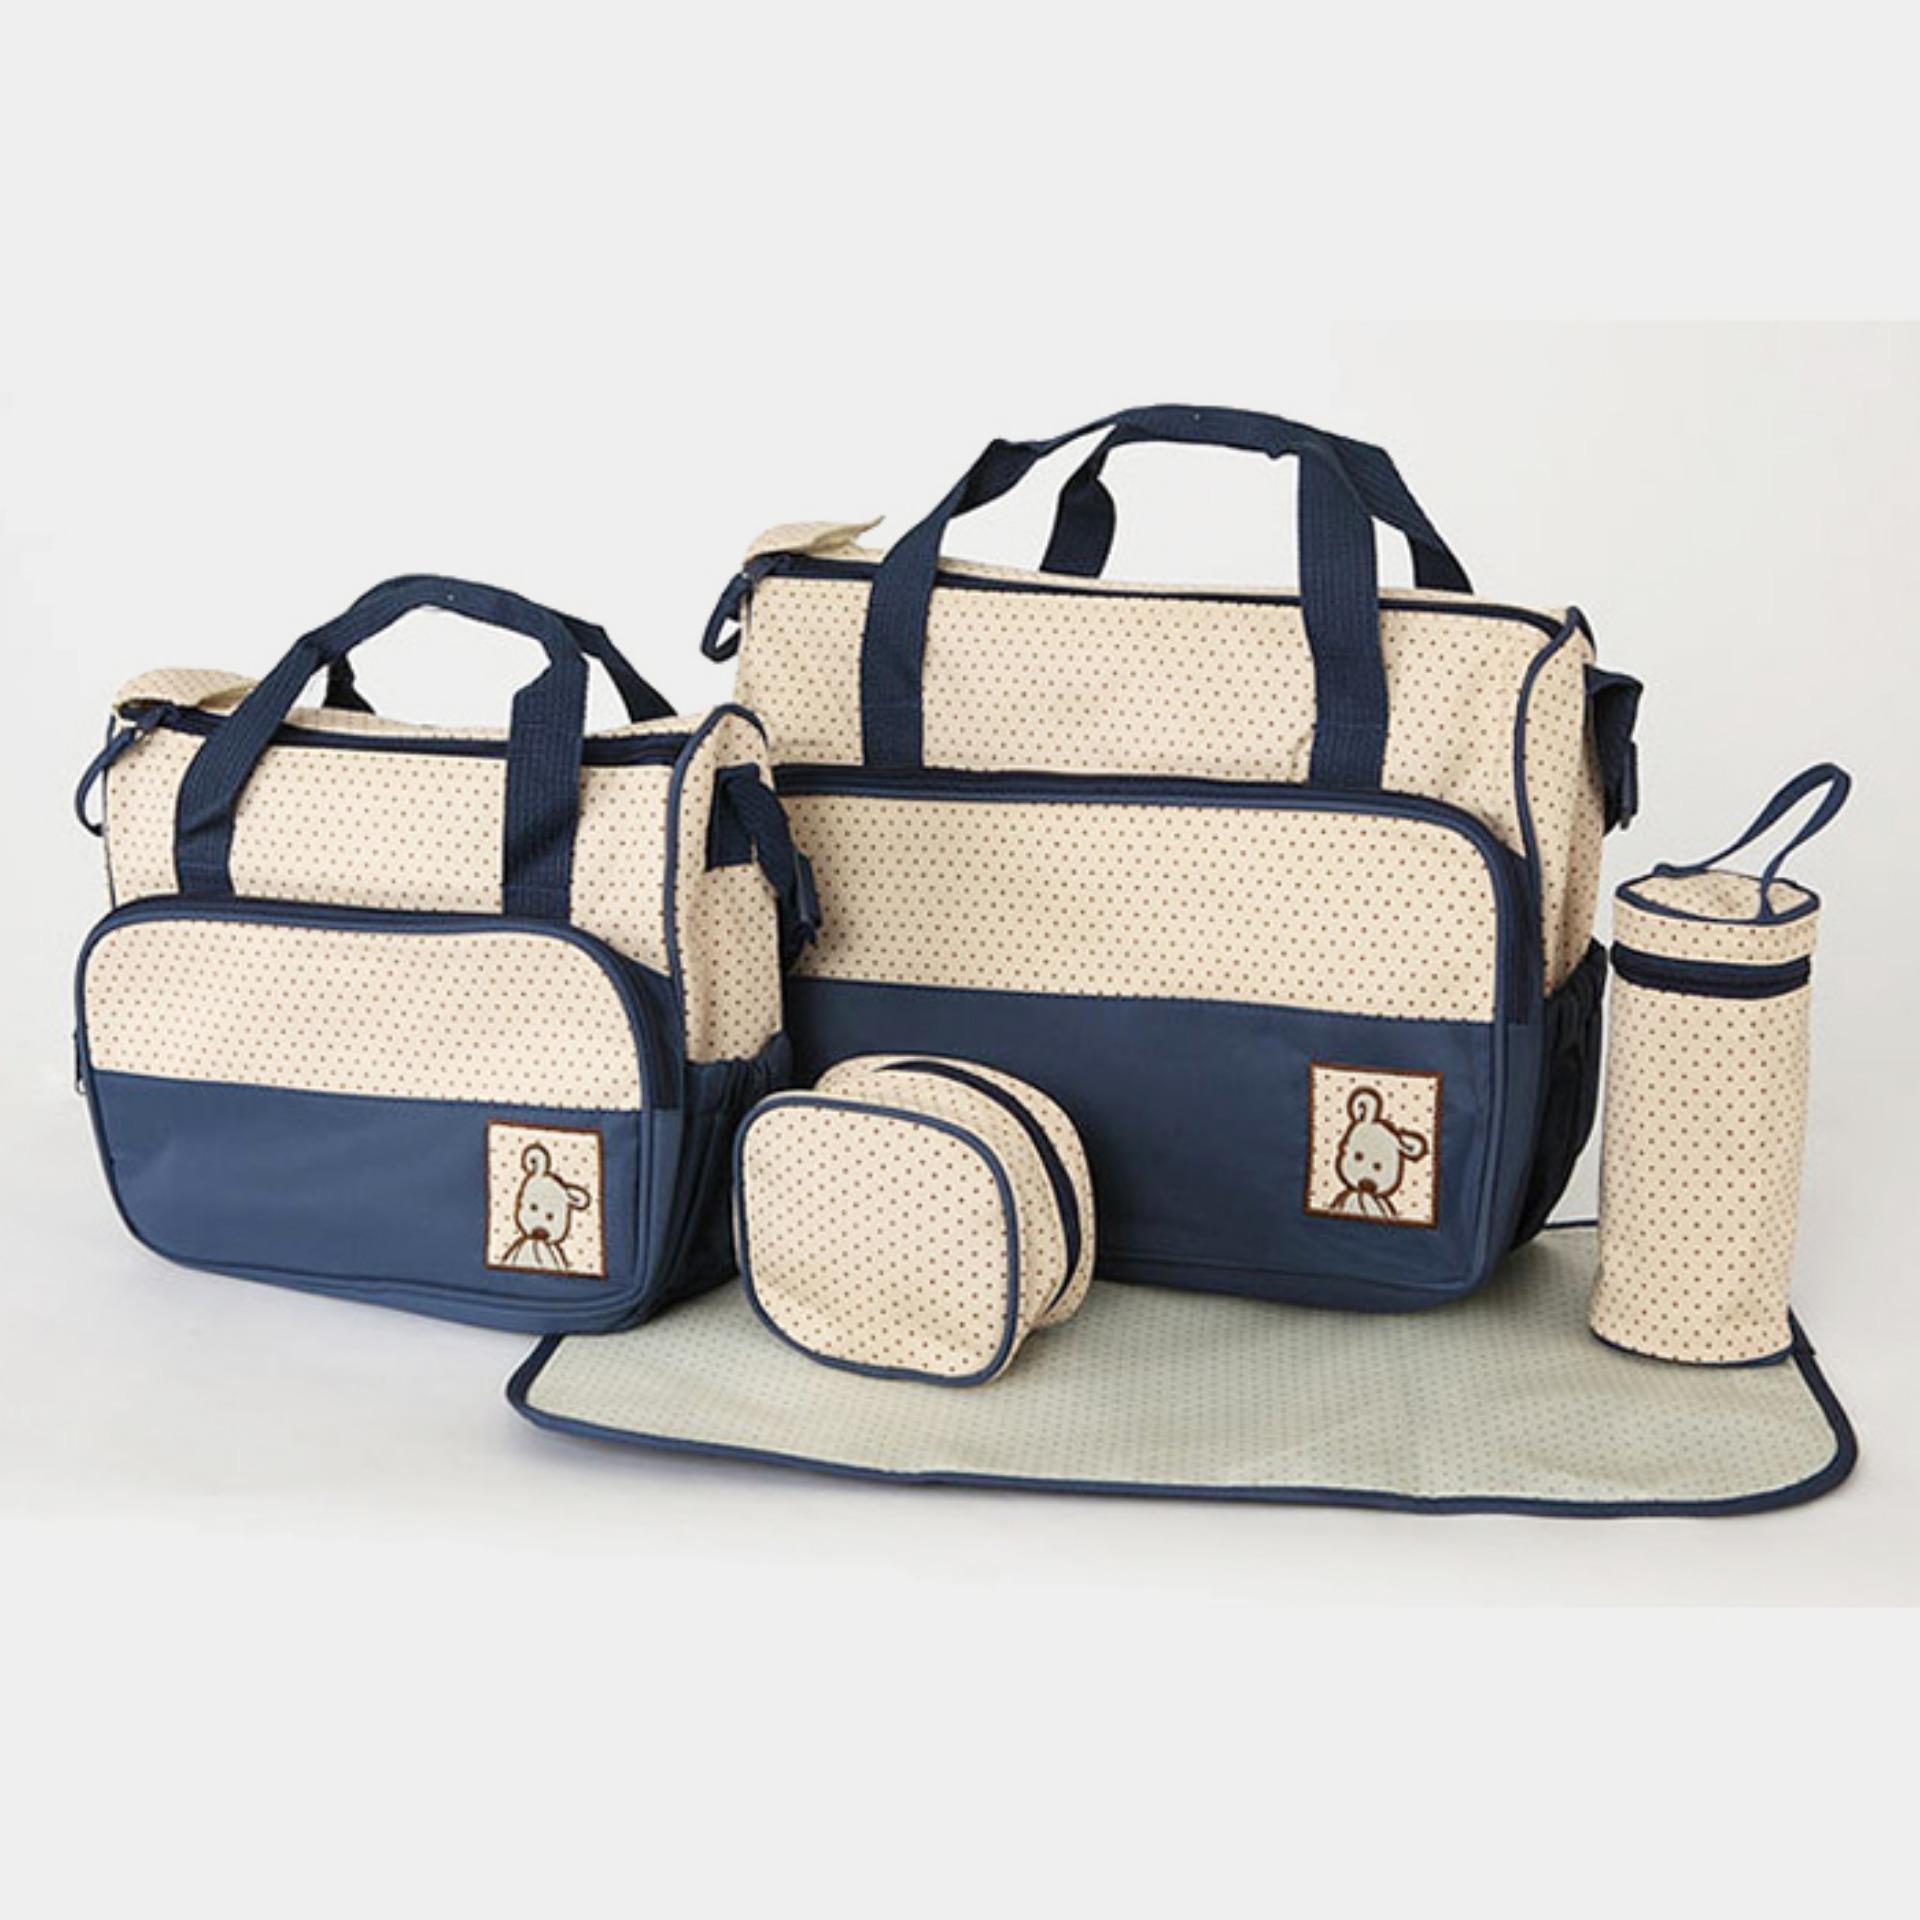 perlengkapan baju bayi tas bayi import tas pergi bayi tas untuk balita  lazada tas bayi tas 57a62fca04